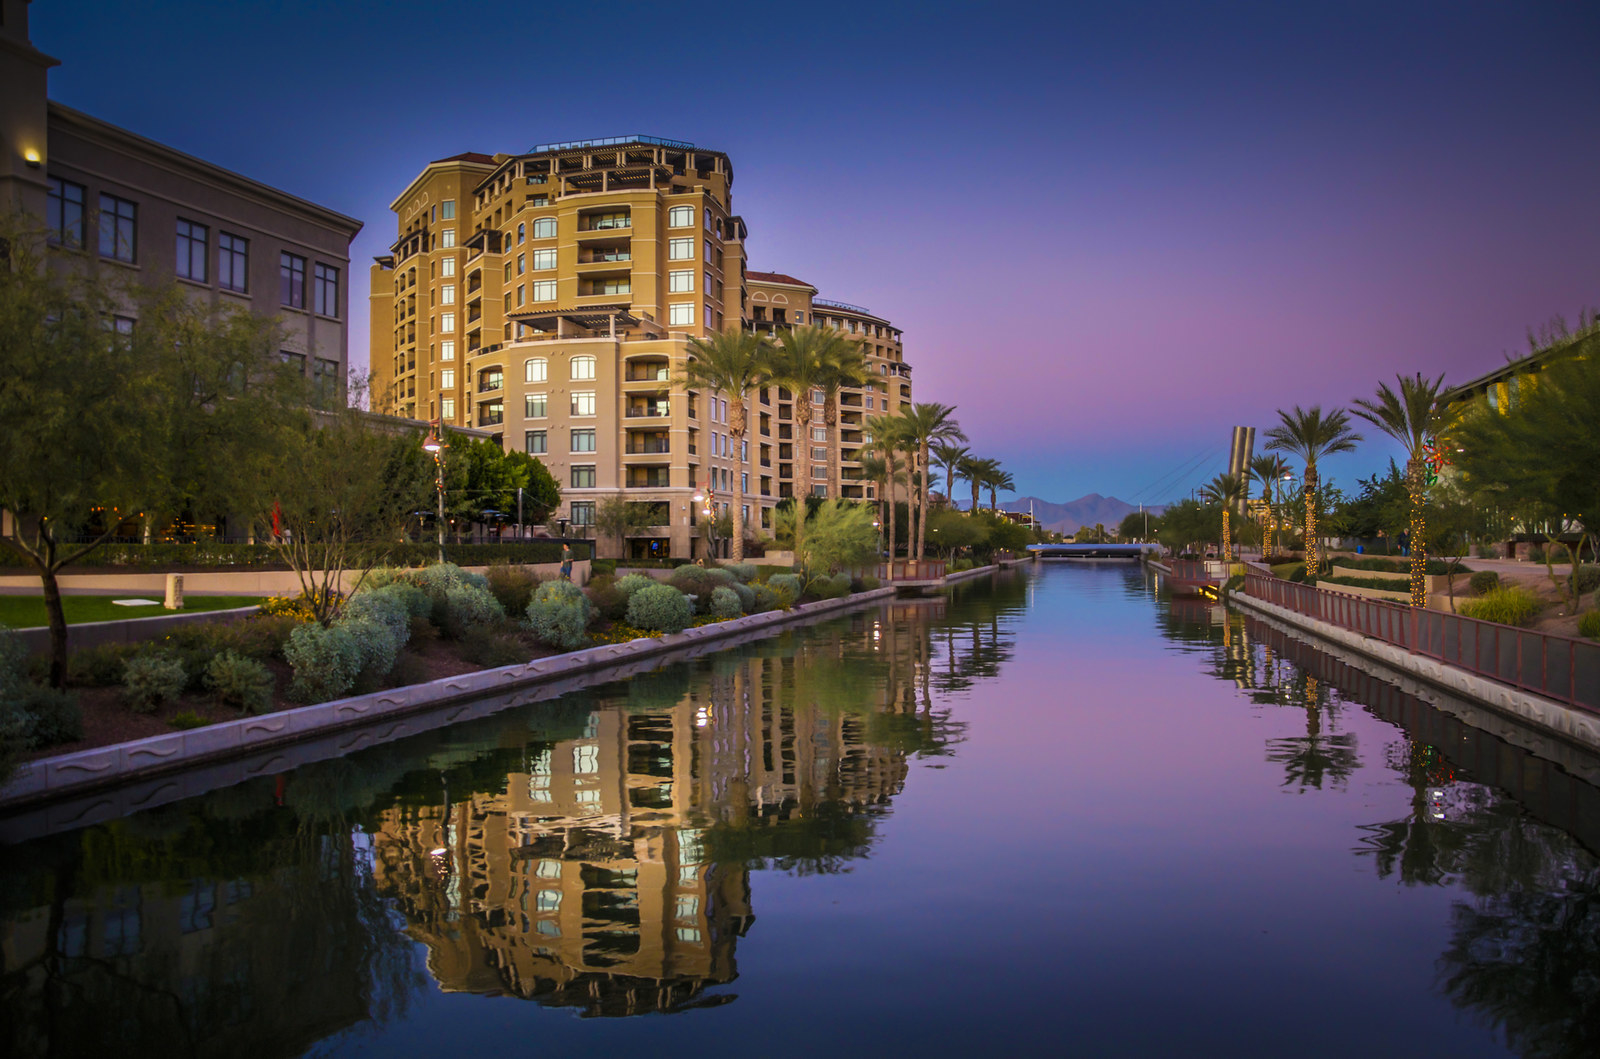 Scottsdale, Arizona at sunset.